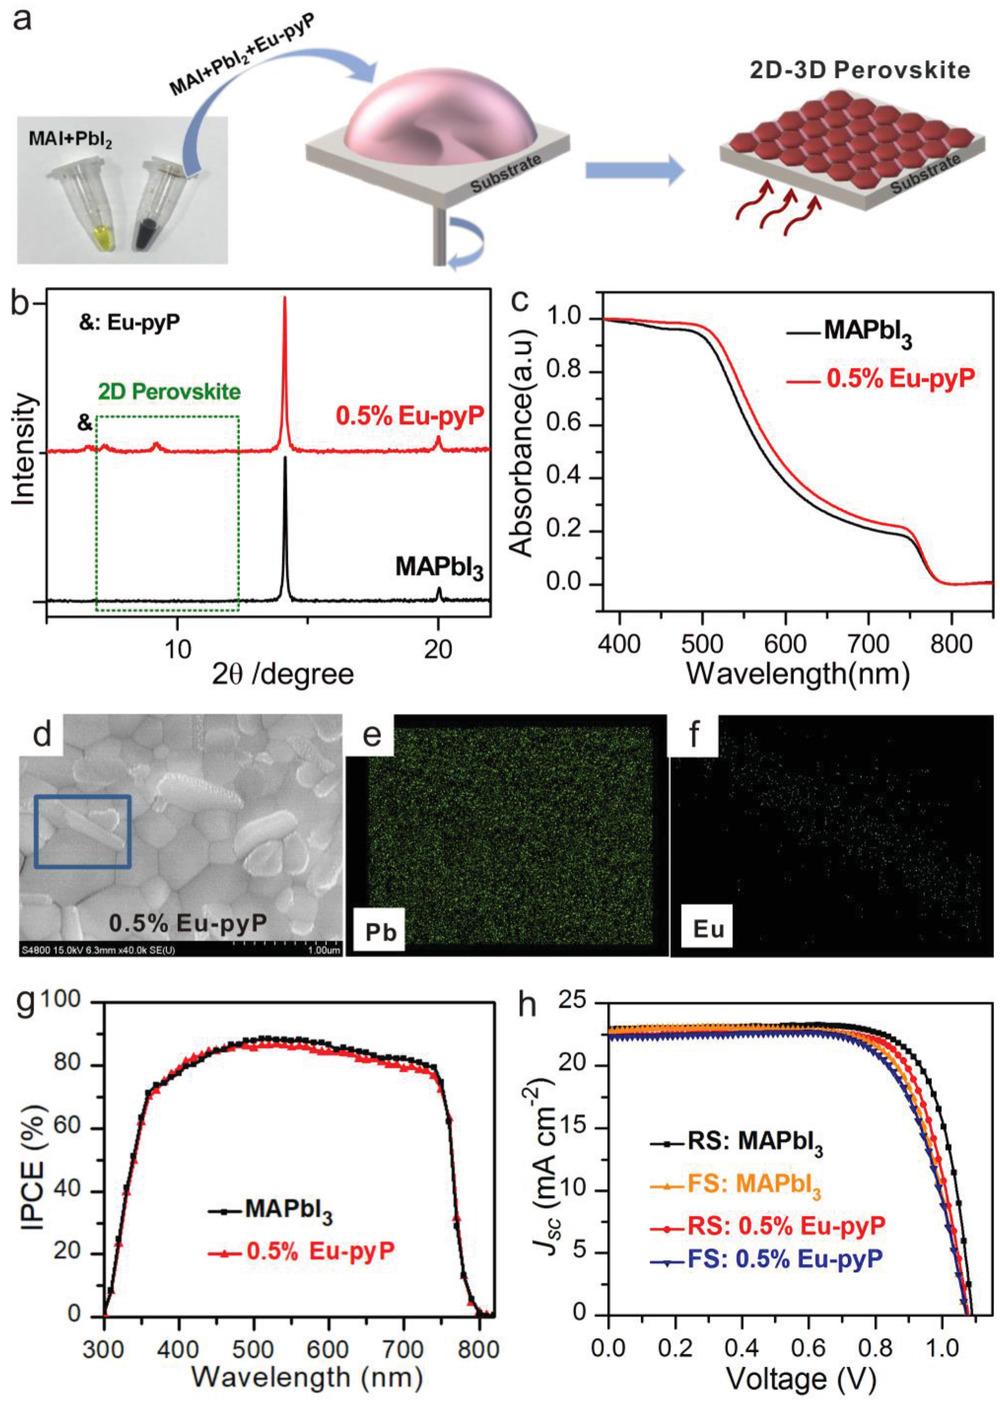 Eu卟啉配合物完美钝化钙钛矿晶界提高钙钛矿太阳能电池的整体稳定性